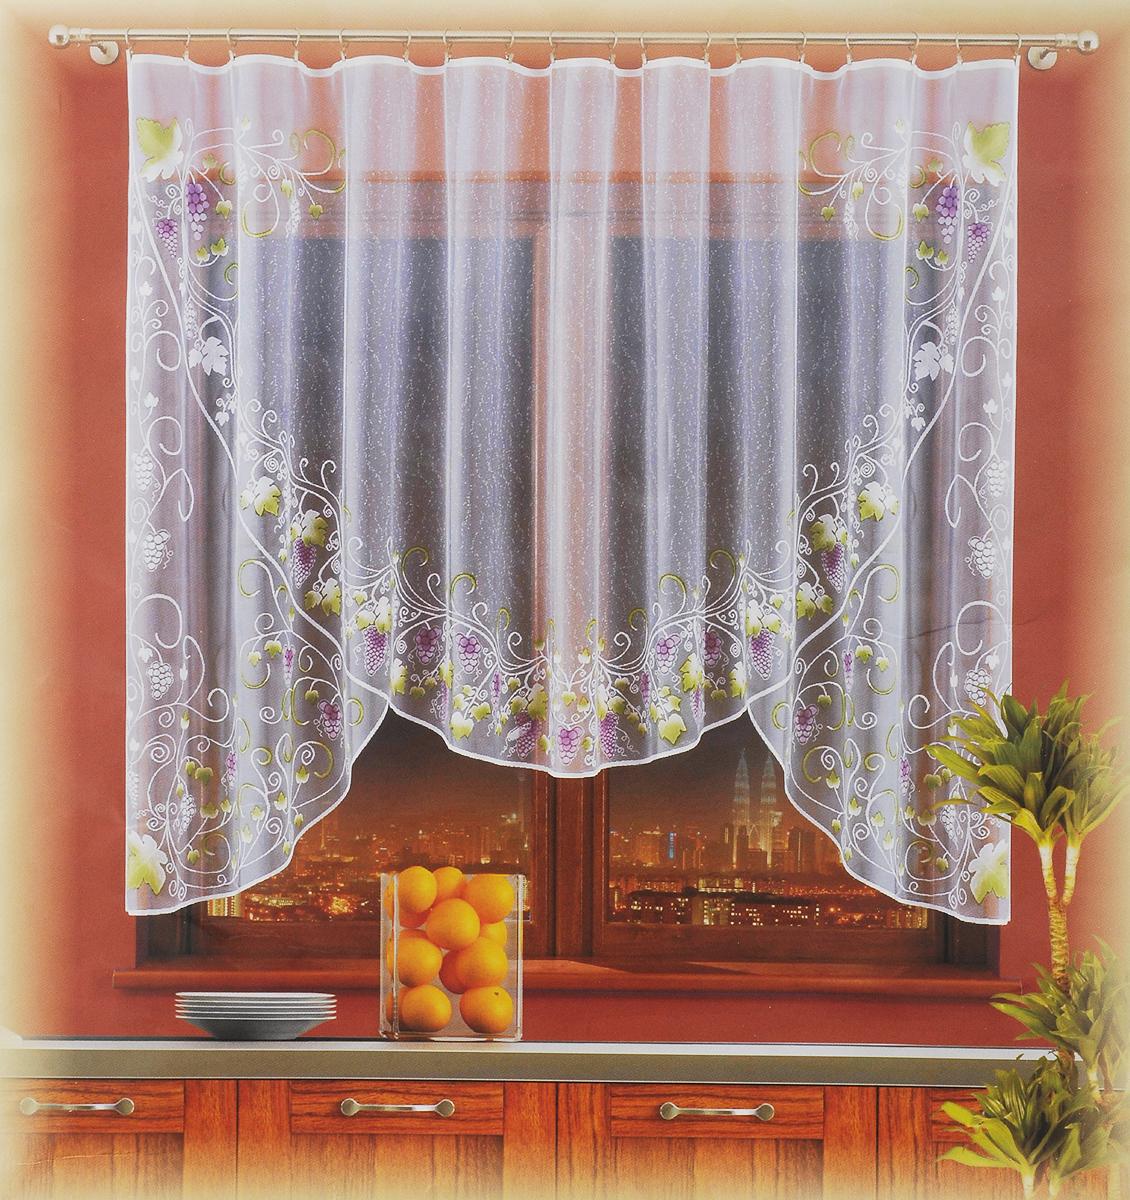 Гардина Wisan Winogrona, цвет: белый, высота 300 см723560_белый, виноград и листьяГардина Wisan Winogrona, изготовленная из полиэстера, станет великолепным украшениемлюбого окна. Изделие, оформленное рисунком фруктов, привлечет к себе внимание и органичновпишется в интерьер комнаты. Оригинальное оформление гардины внесет разнообразие иподарит заряд положительного настроения.Гардина крепится при помощи зажимов для штор(не входят в комплект).